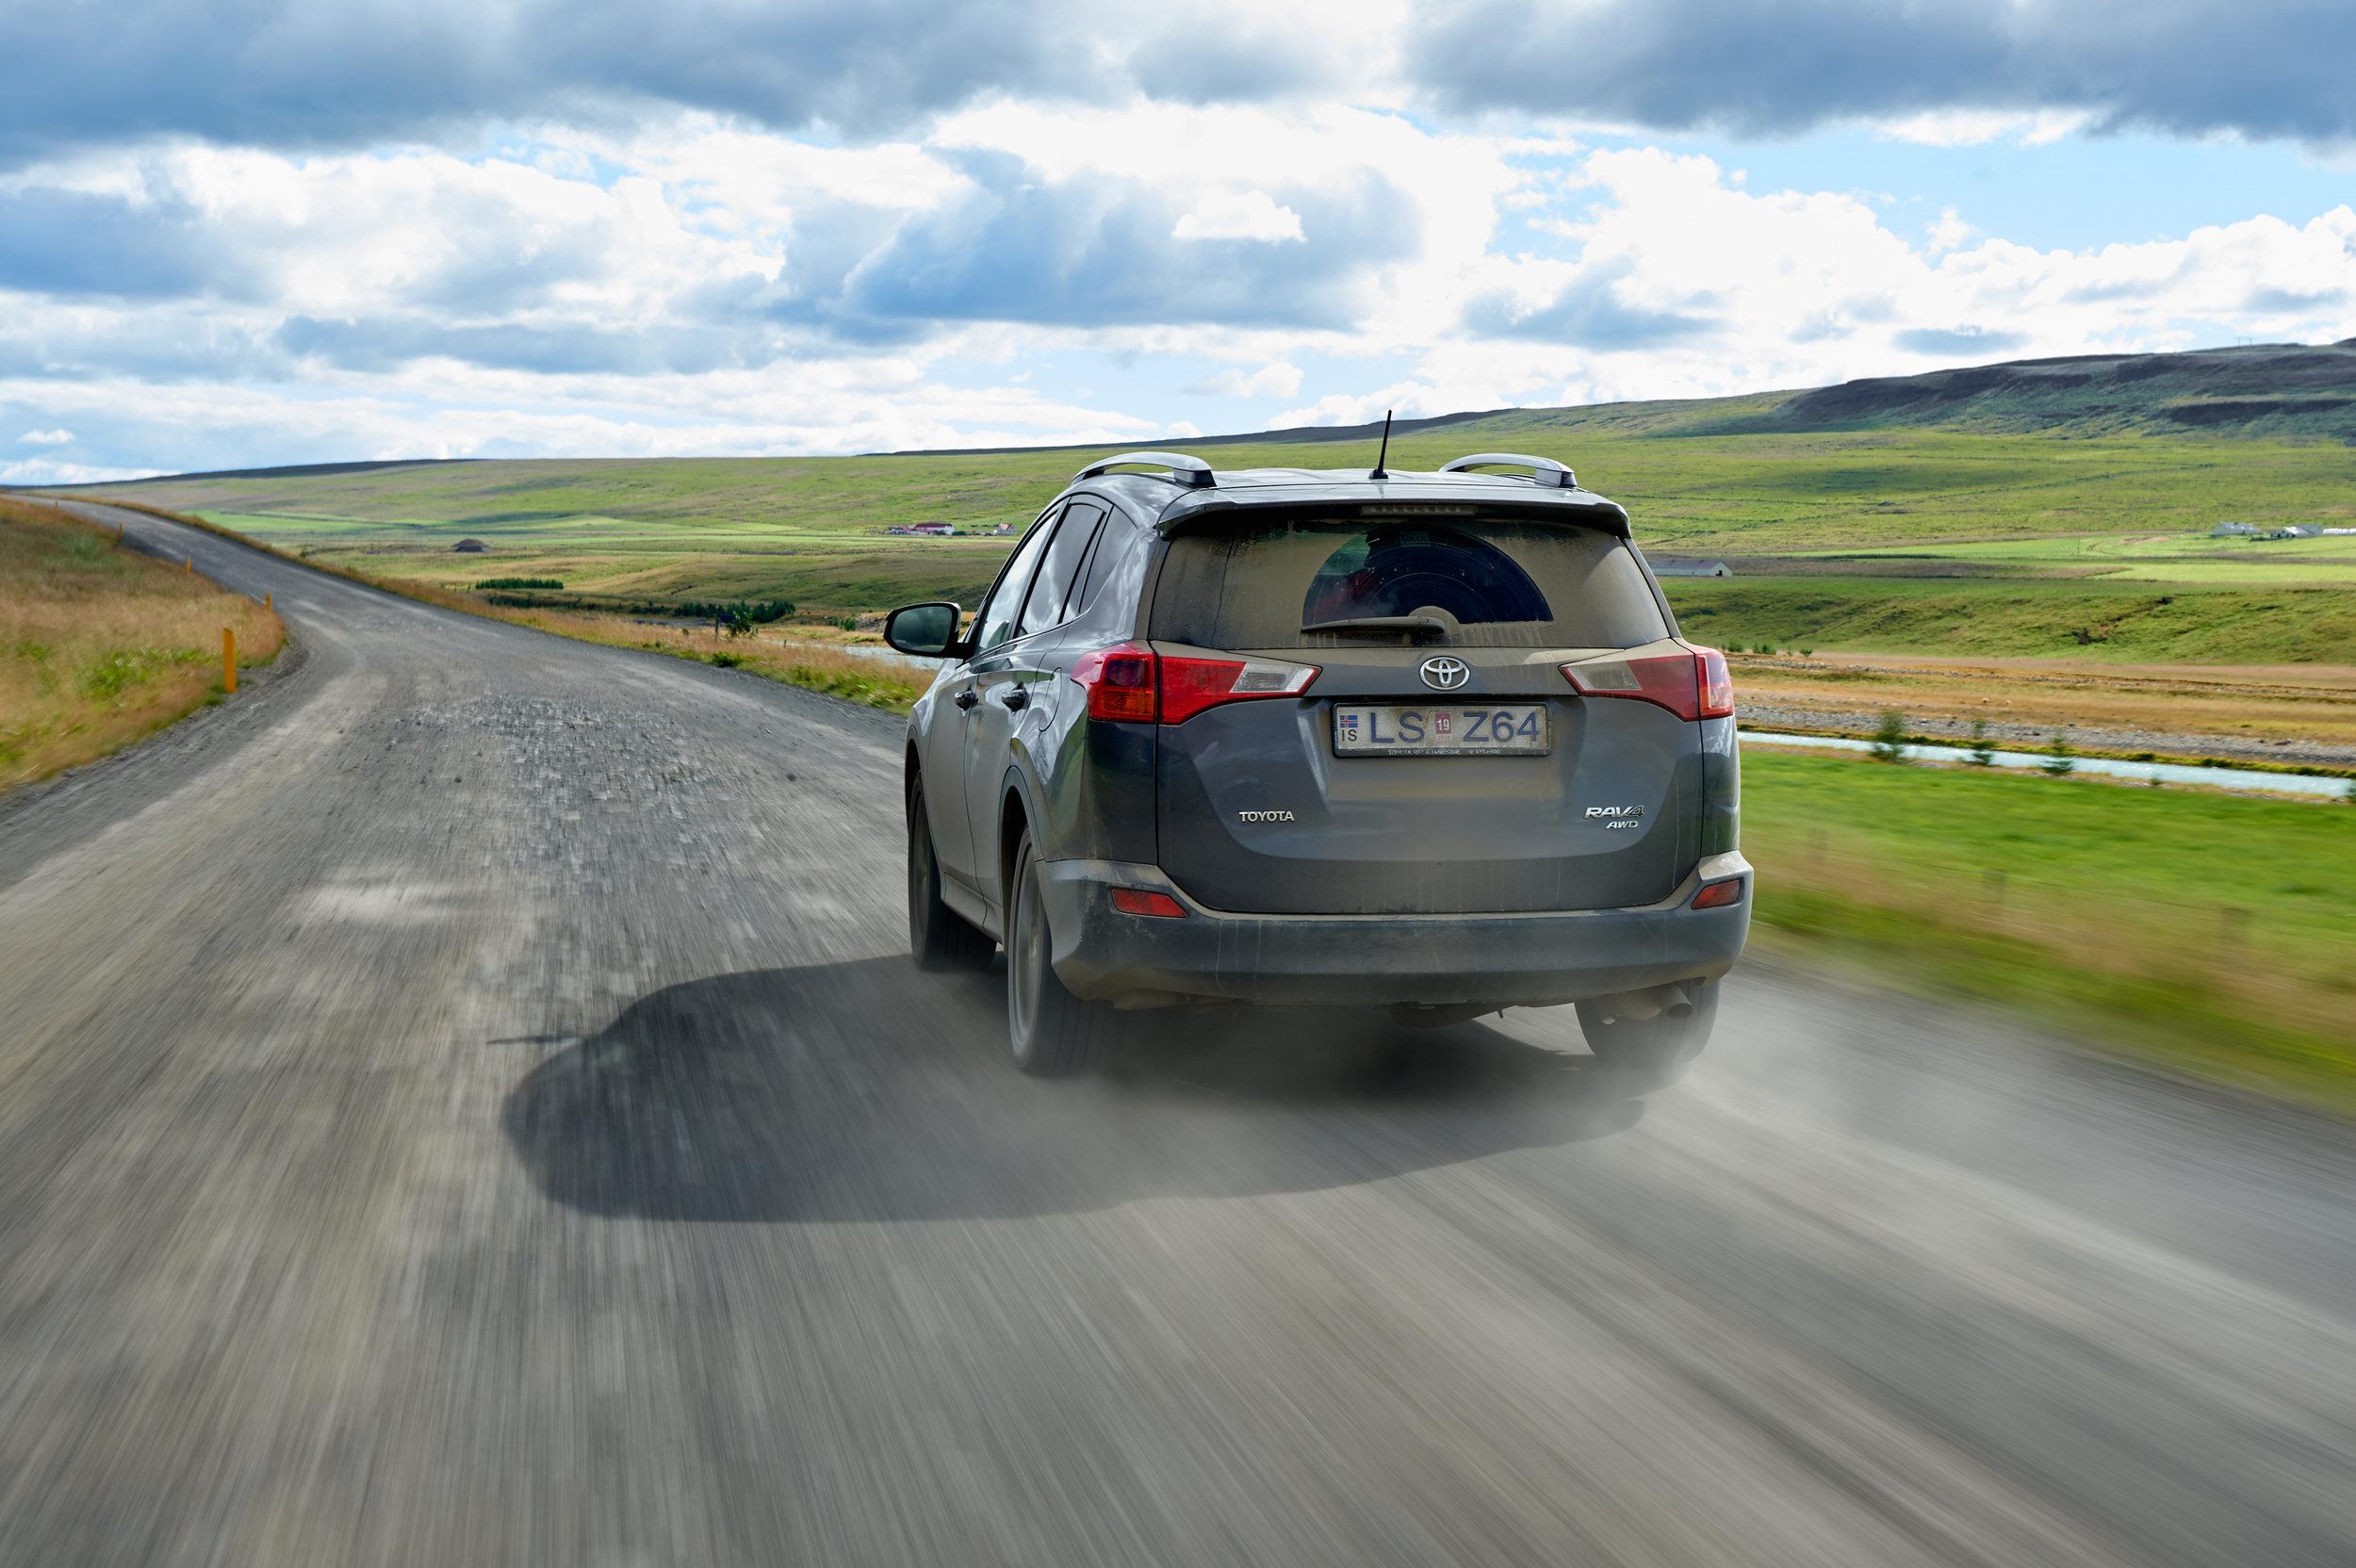 IJsland-Car2Car-shots-3.jpg